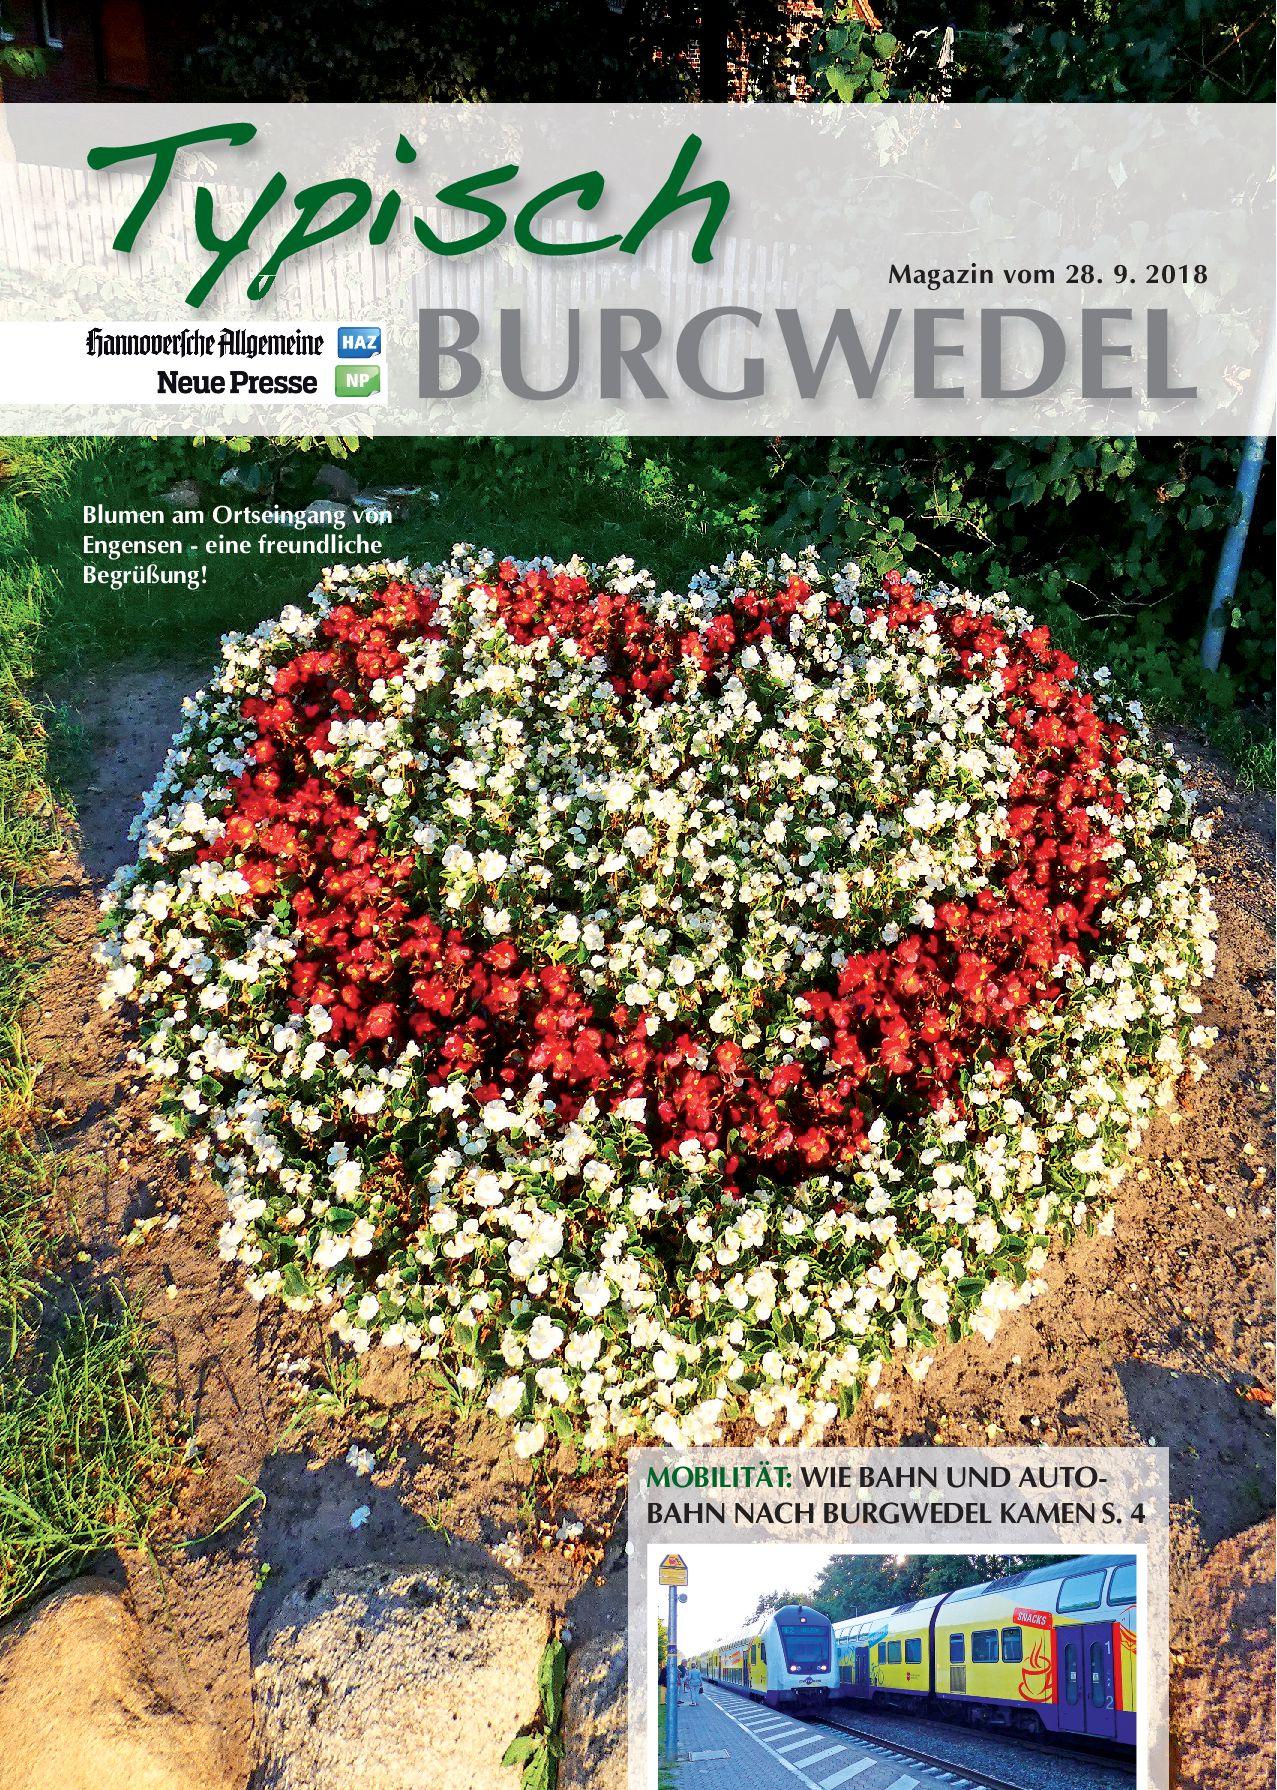 burgwedel-vom-28-09-2018